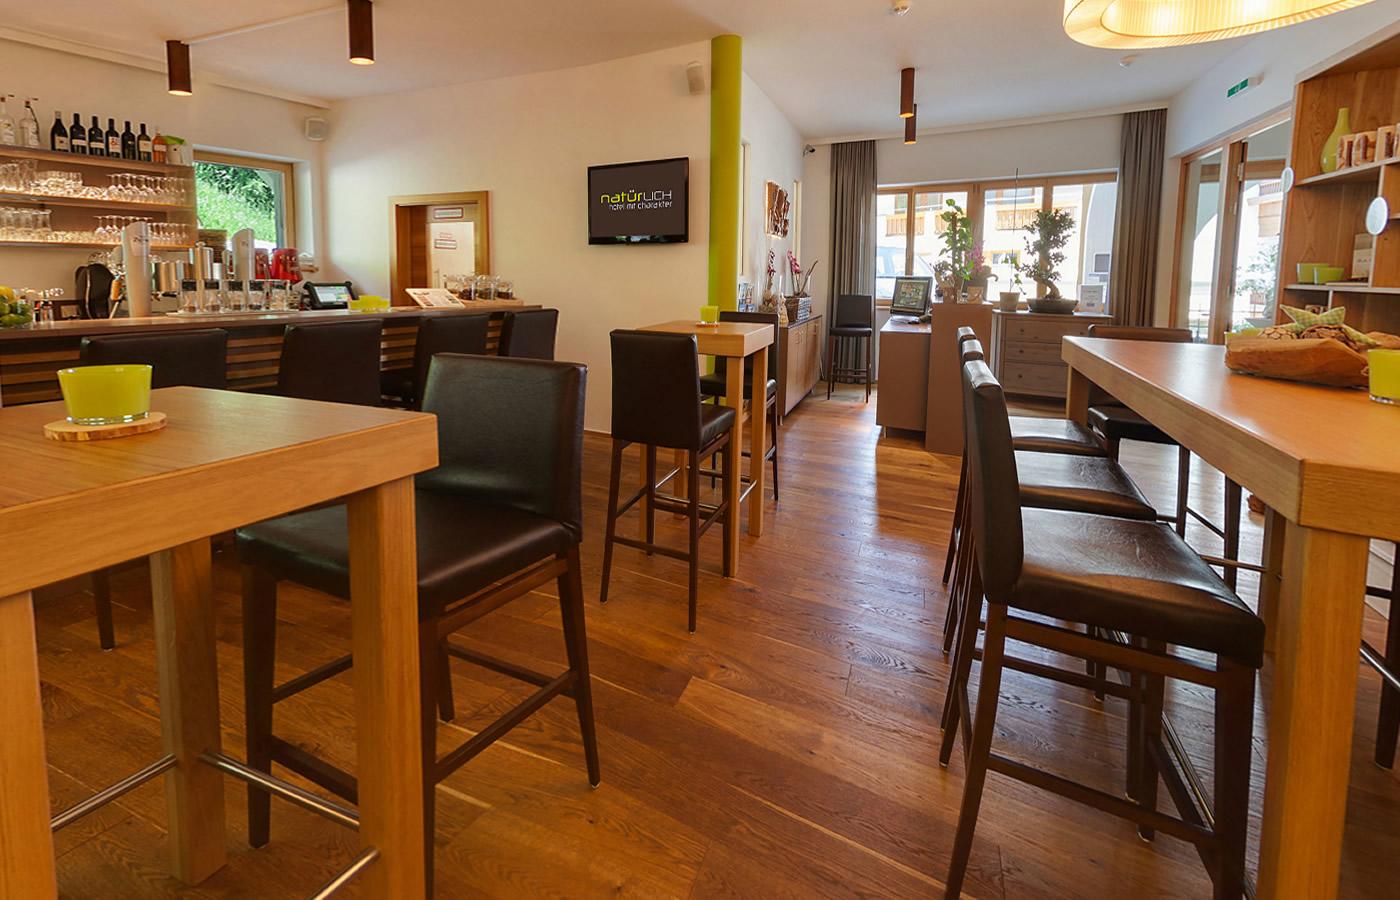 Hotel Natürlich - Bar/Lounge für Gruppen-Urlaube in Tirol - Österreich.